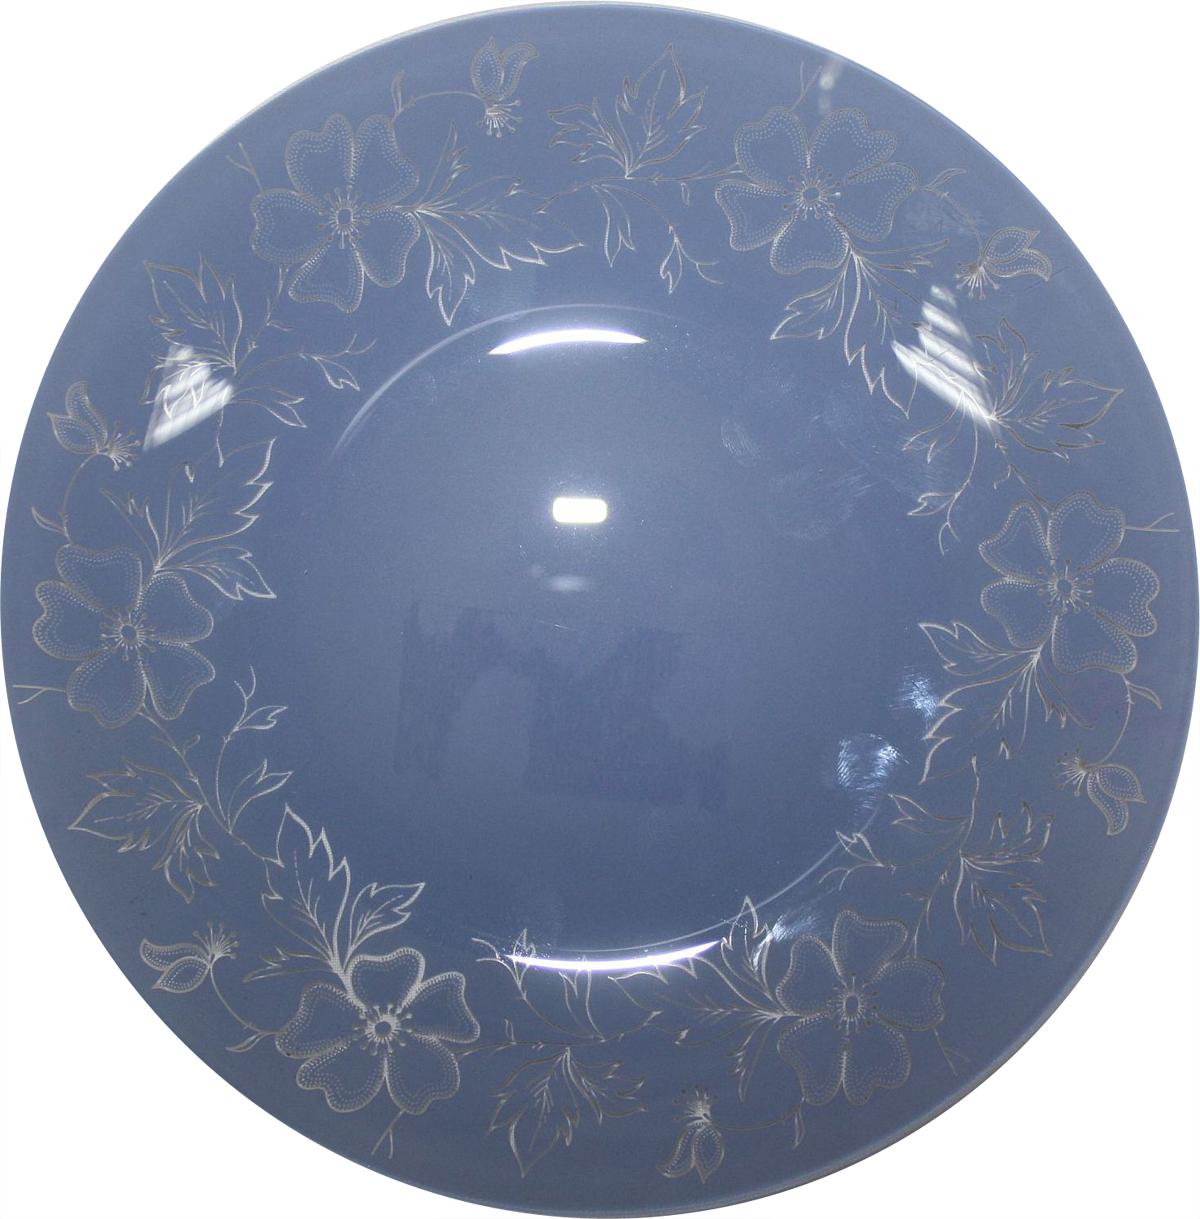 Тарелка десертная NiNaGlass Лара, цвет: голубой, диаметр 20 см85-200-075сТарелка NiNaGlass Лара выполнена из высококачественного стекла и оформлена красивым цветочным узором. Тарелка идеальна для подачи вторых блюд, а также сервировки закусок, нарезок, салатов, овощей и фруктов. Она отлично подойдет как для повседневных, так и для торжественных случаев. Такая тарелка прекрасно впишется в интерьер вашей кухни и станет достойным дополнением к кухонному инвентарю.